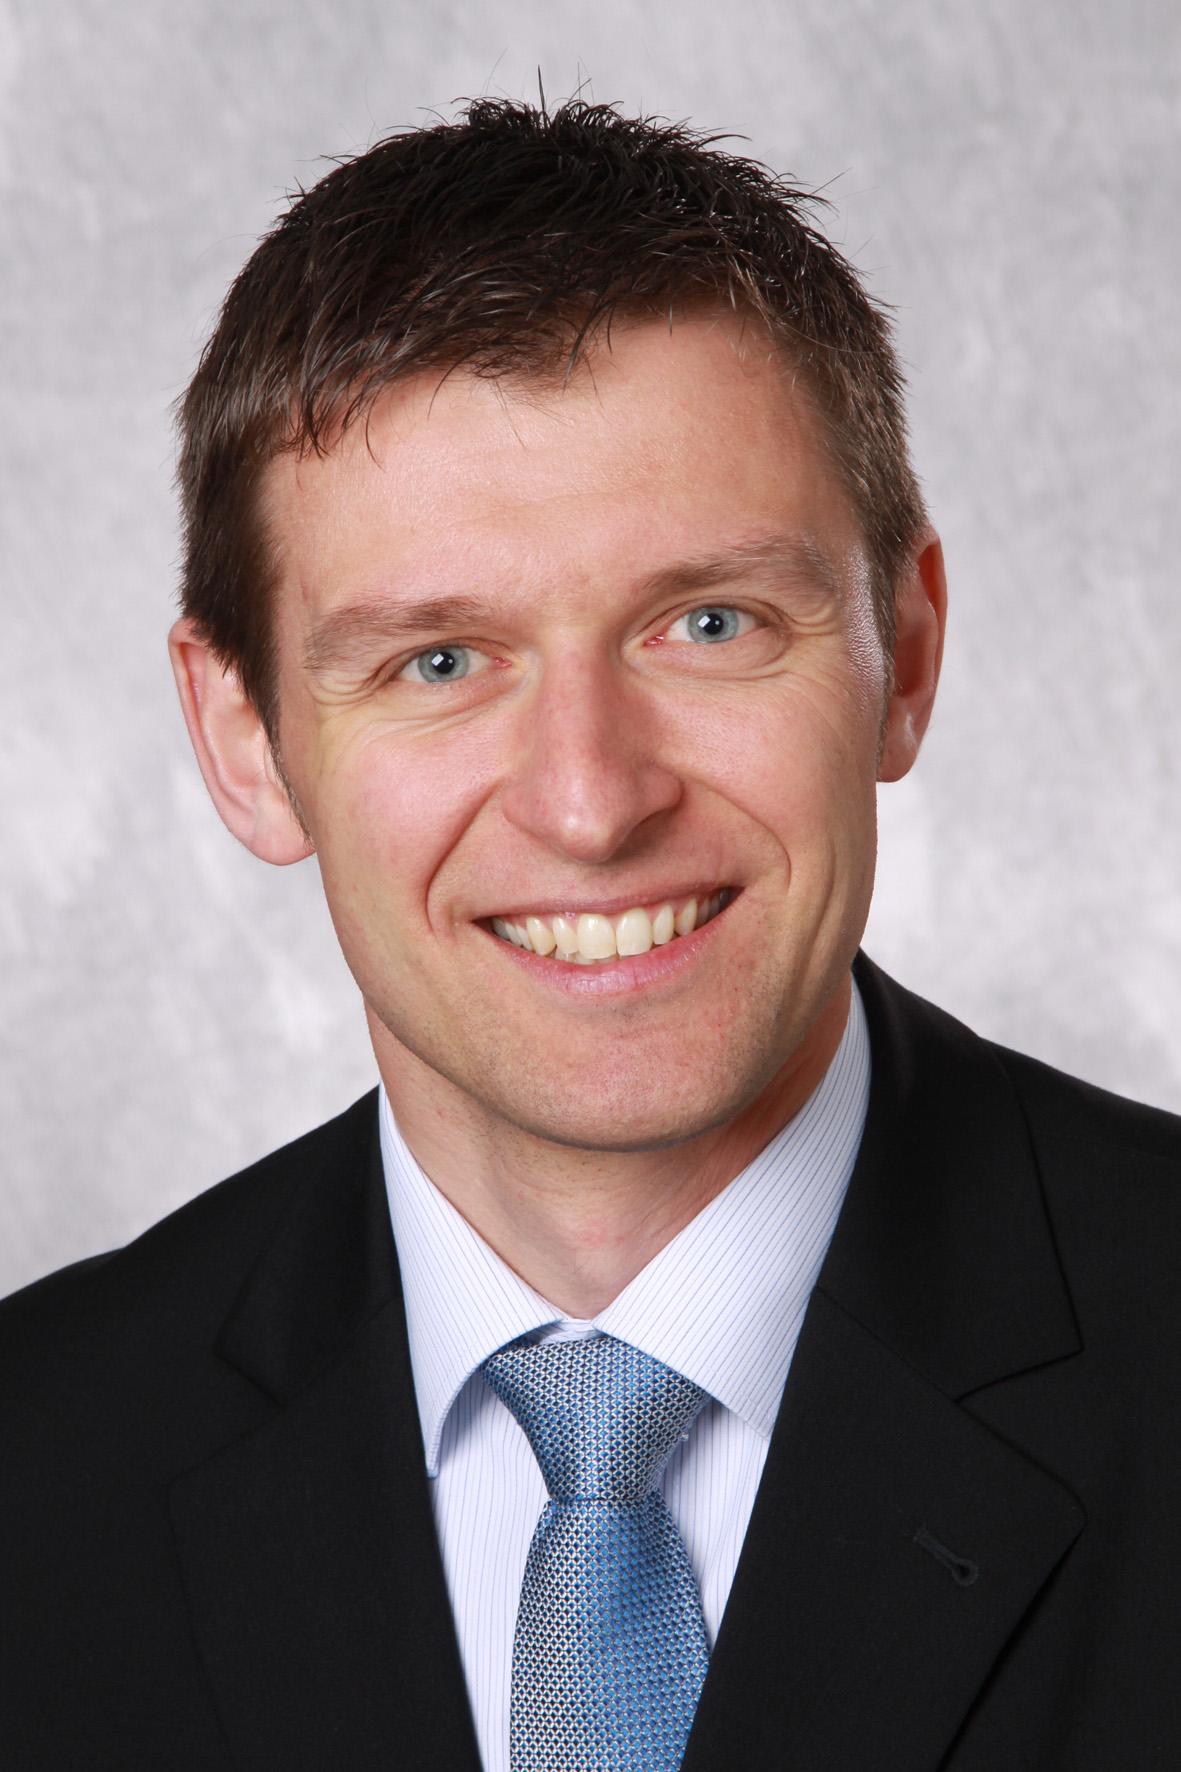 Portrait von Christian Wirl